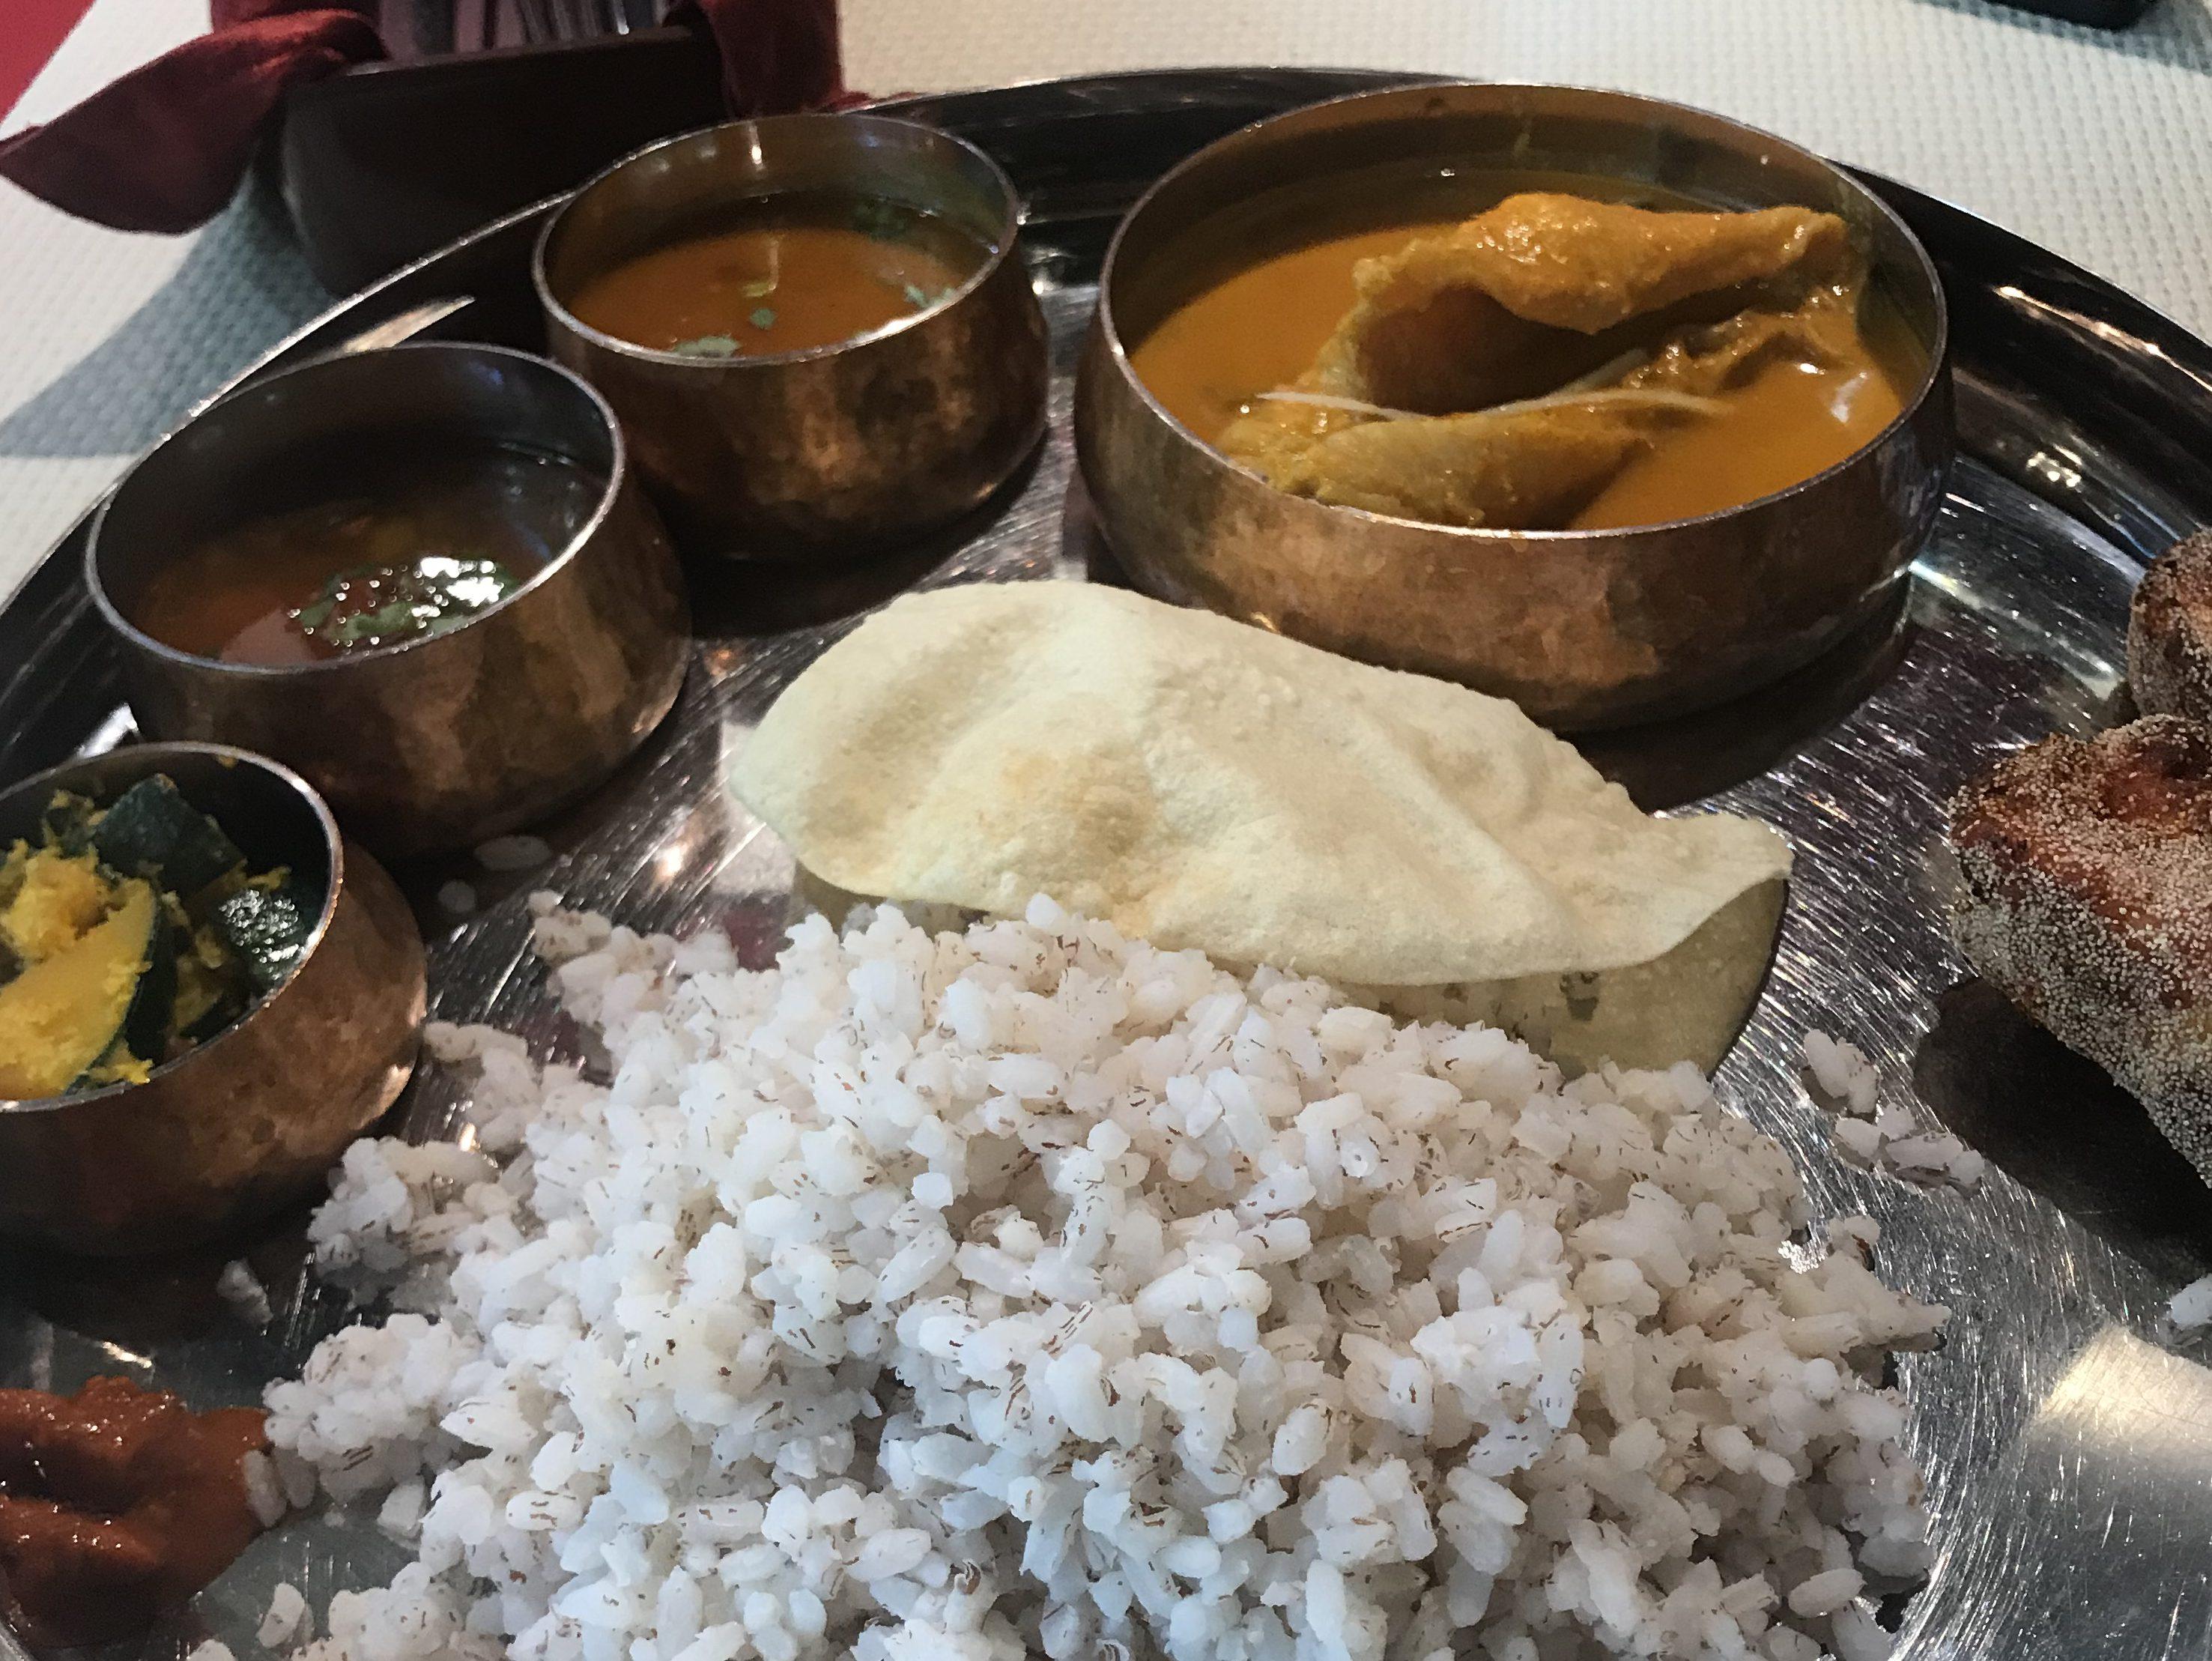 マンガロールの風を浴びに…有楽町 バンゲラズ・キッチンでカレー